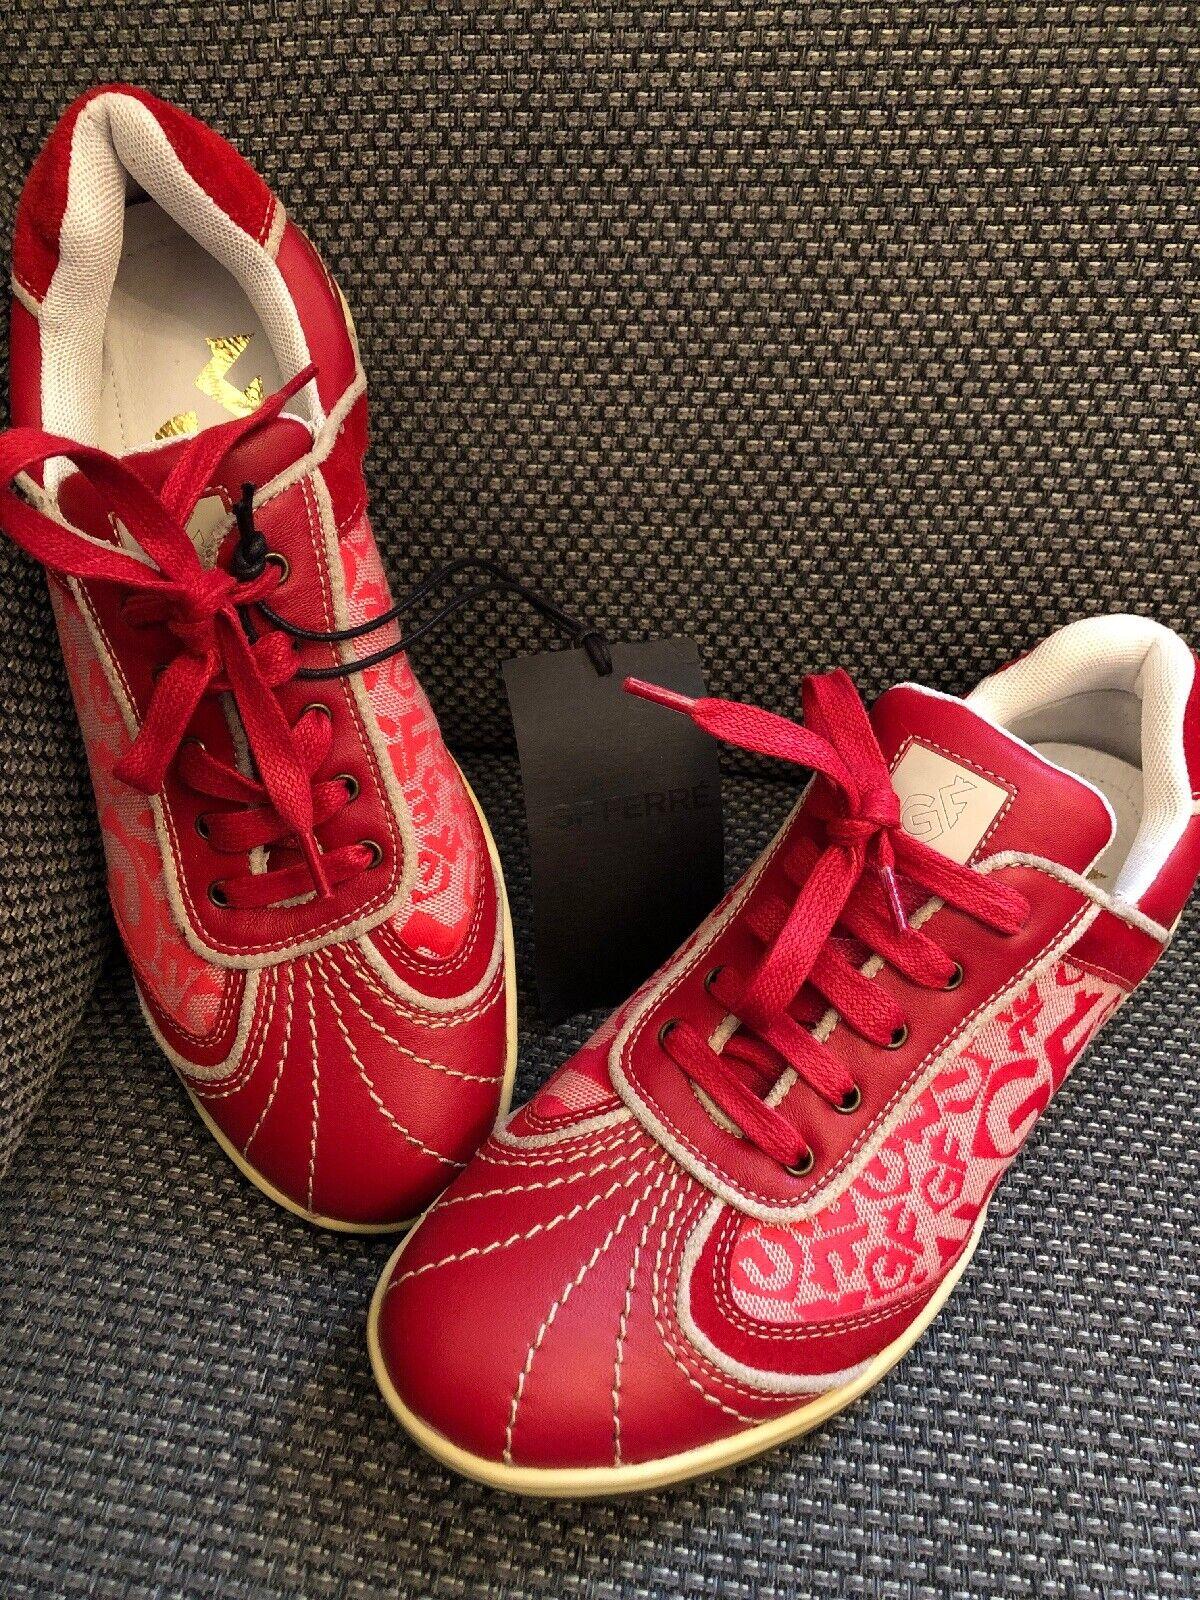 Original gf Ferre cortos zapatos 38 rojo logotipo nuevo nuevo nuevo NP  artículos de promoción